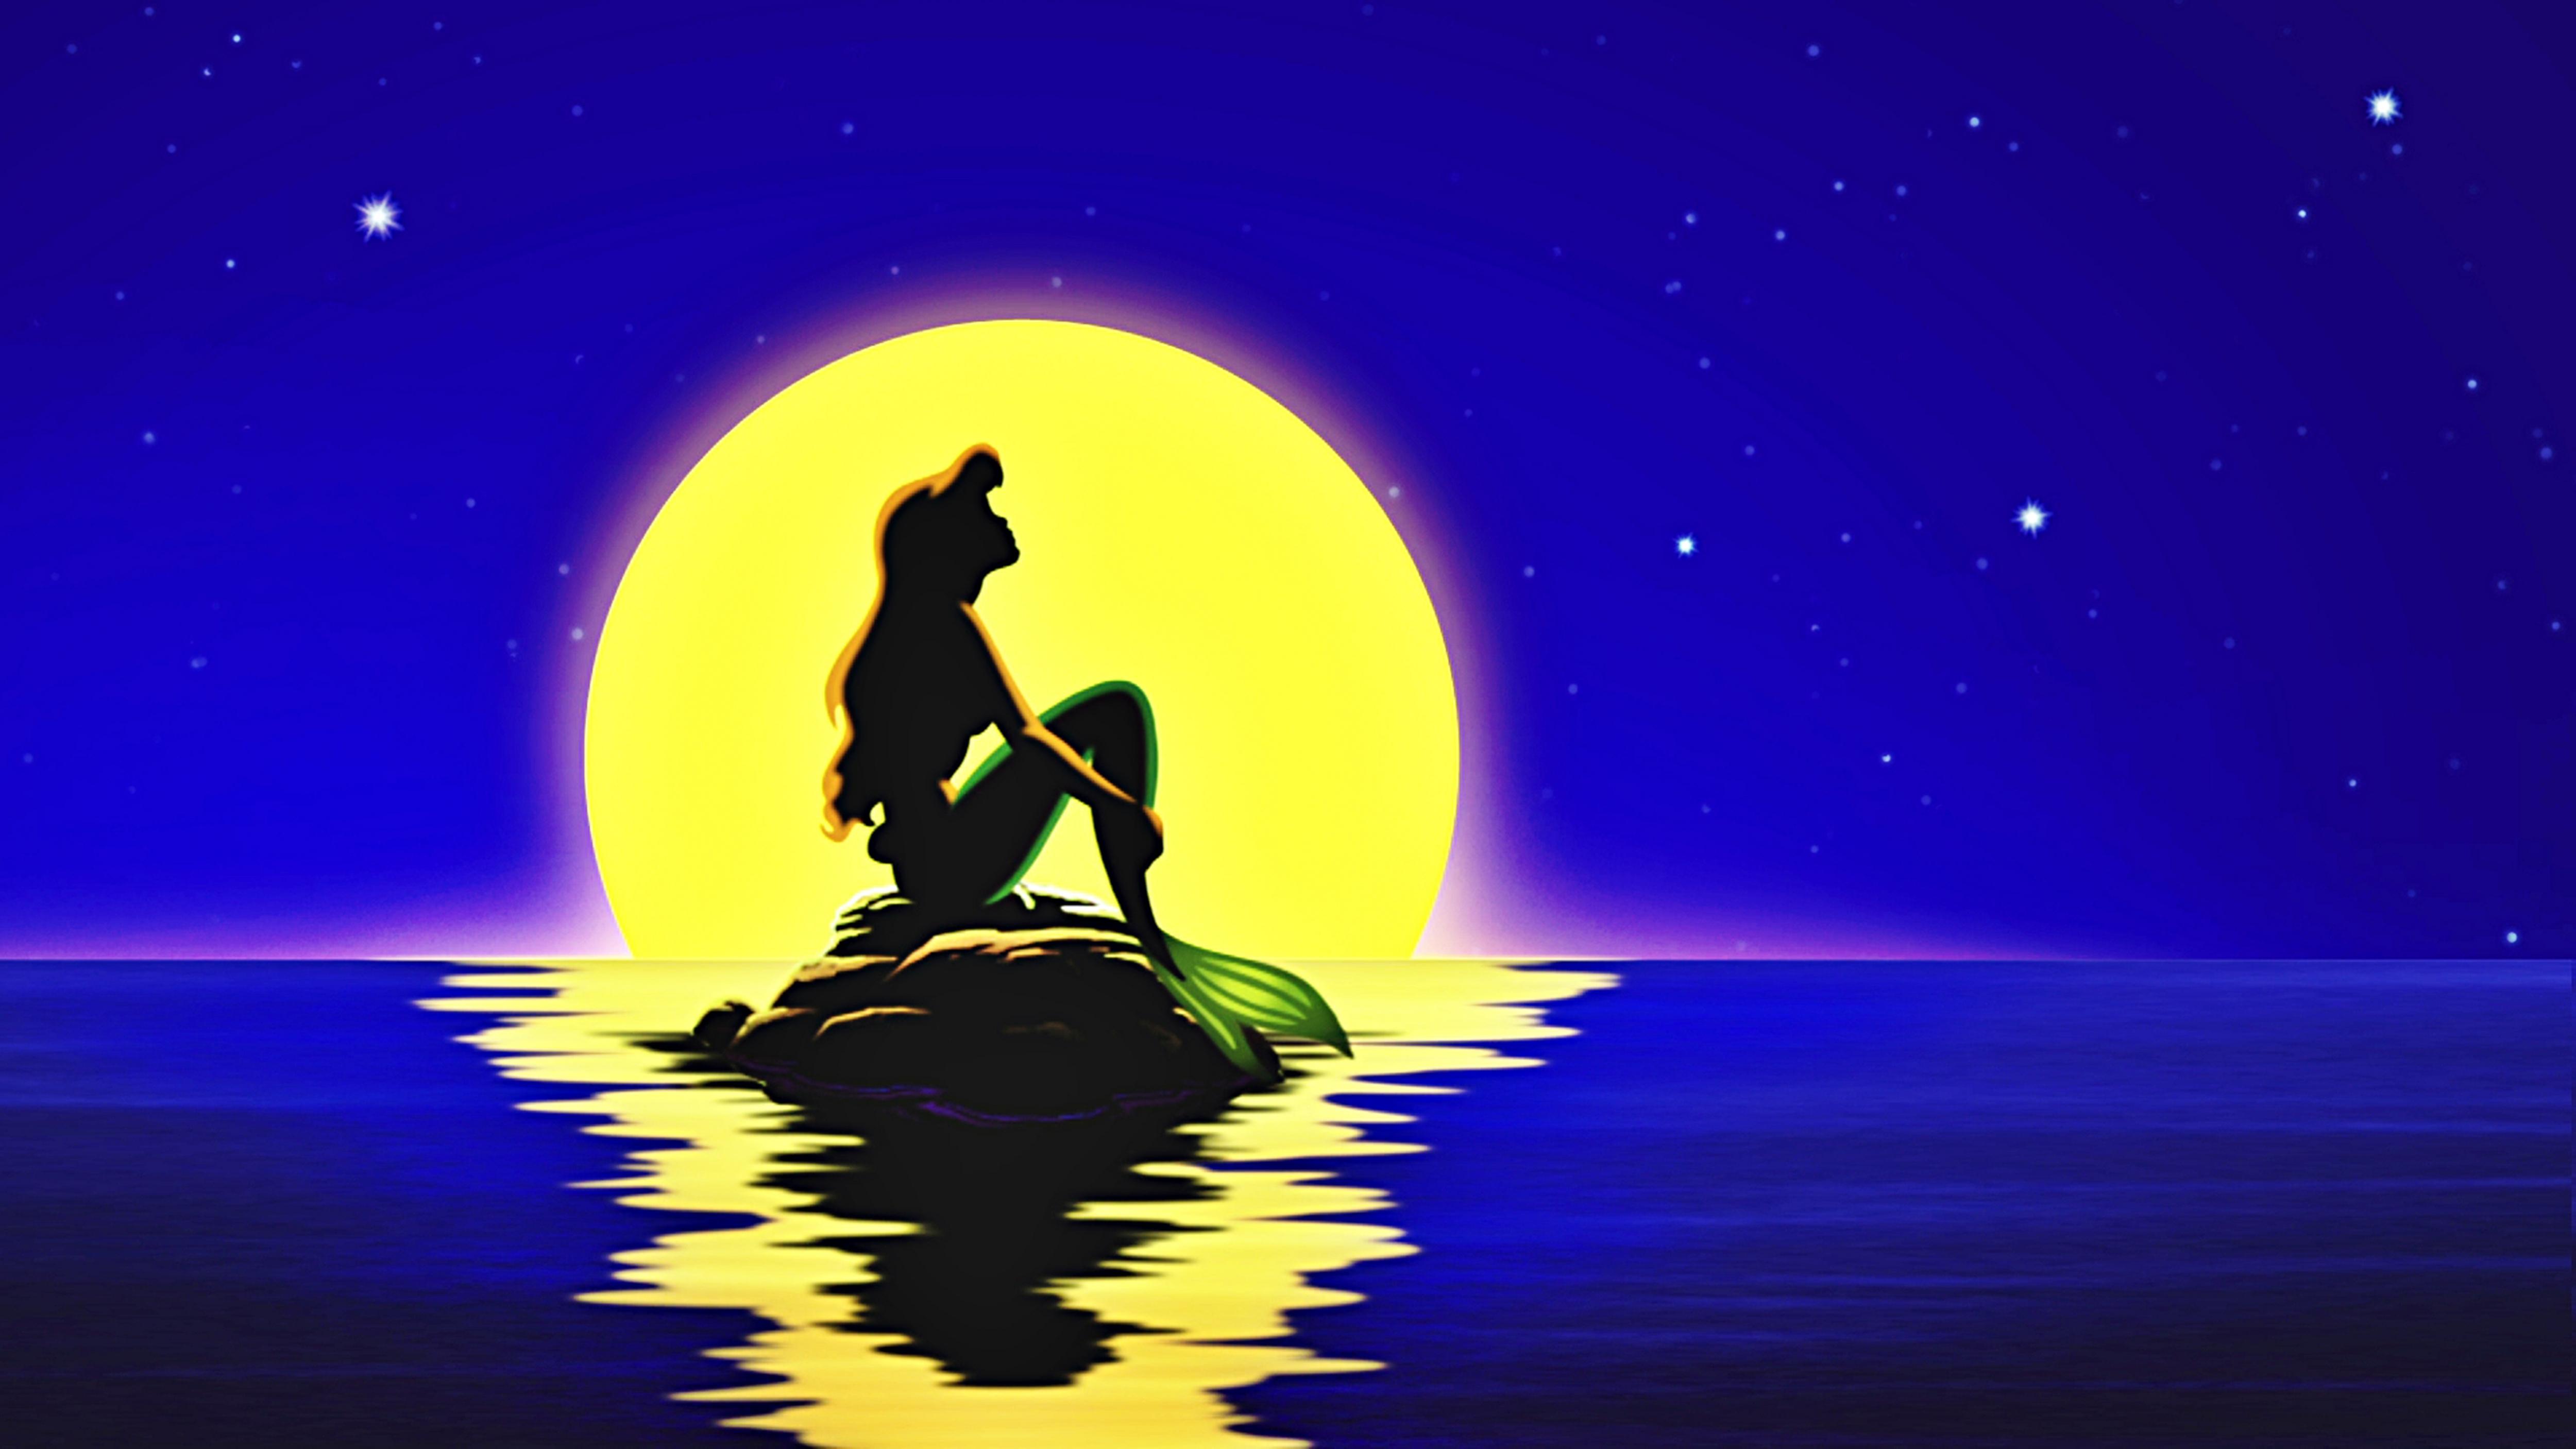 Walt Disney Wallpapers   The Little Mermaid   Walt Disney 5000x2813